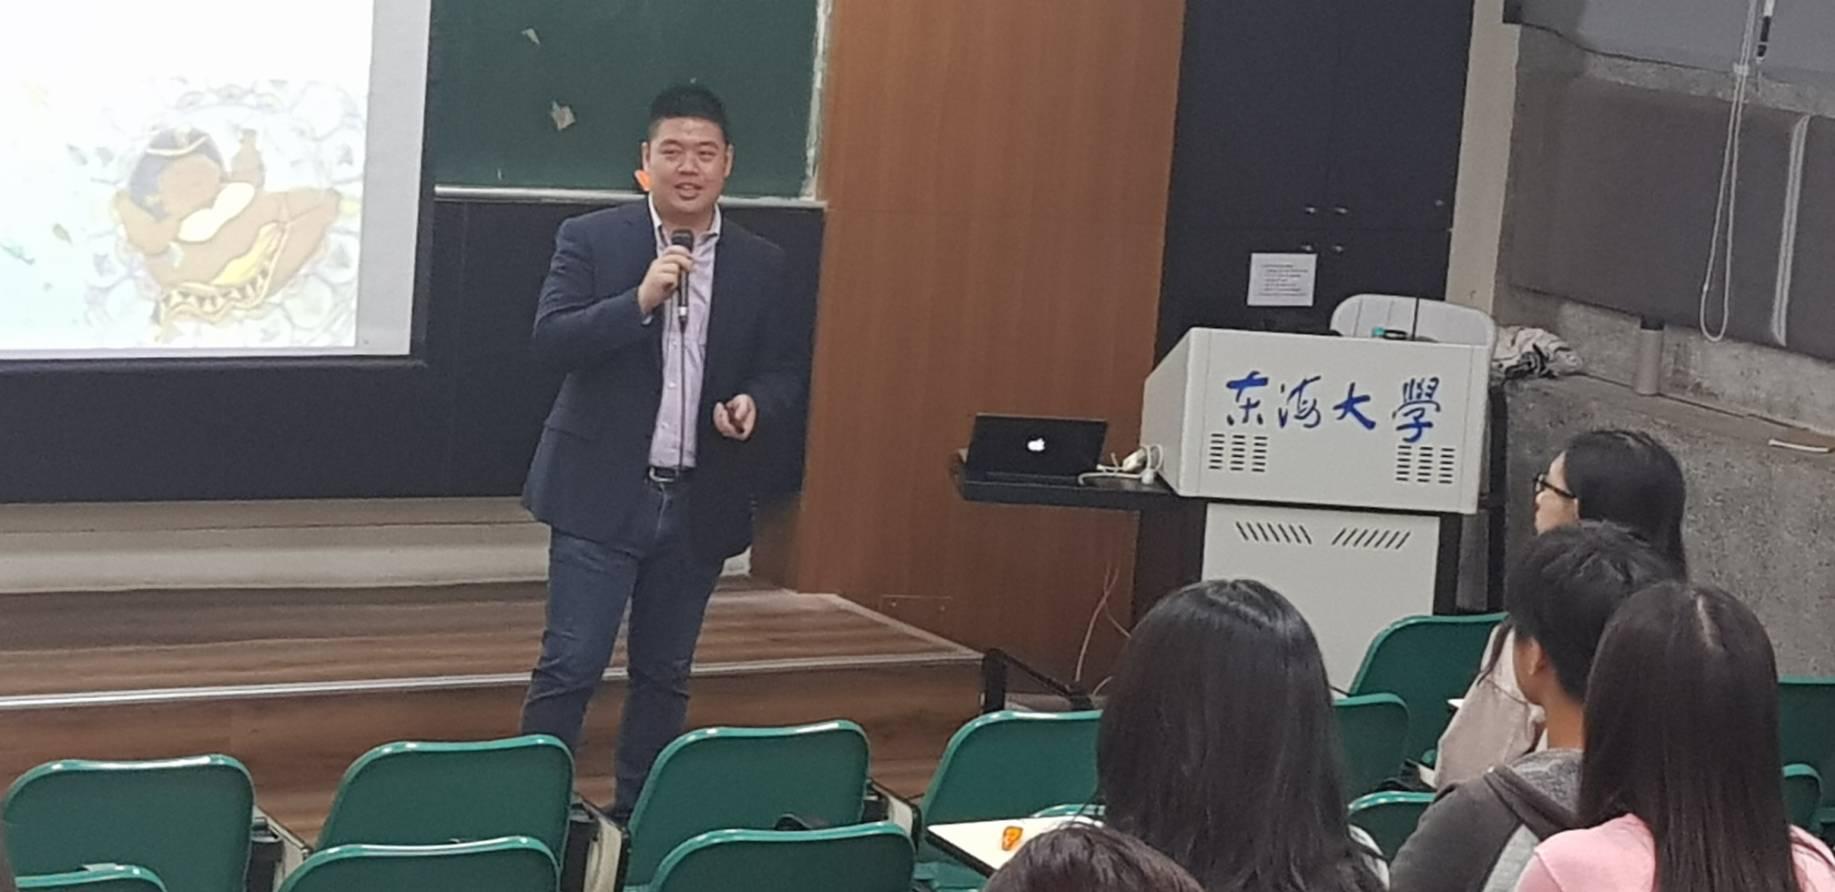 108年10月25日邀請到聯宏國際股份有限公司副總經理張宏溢 蒞校演講職-涯新選擇-創新與創業